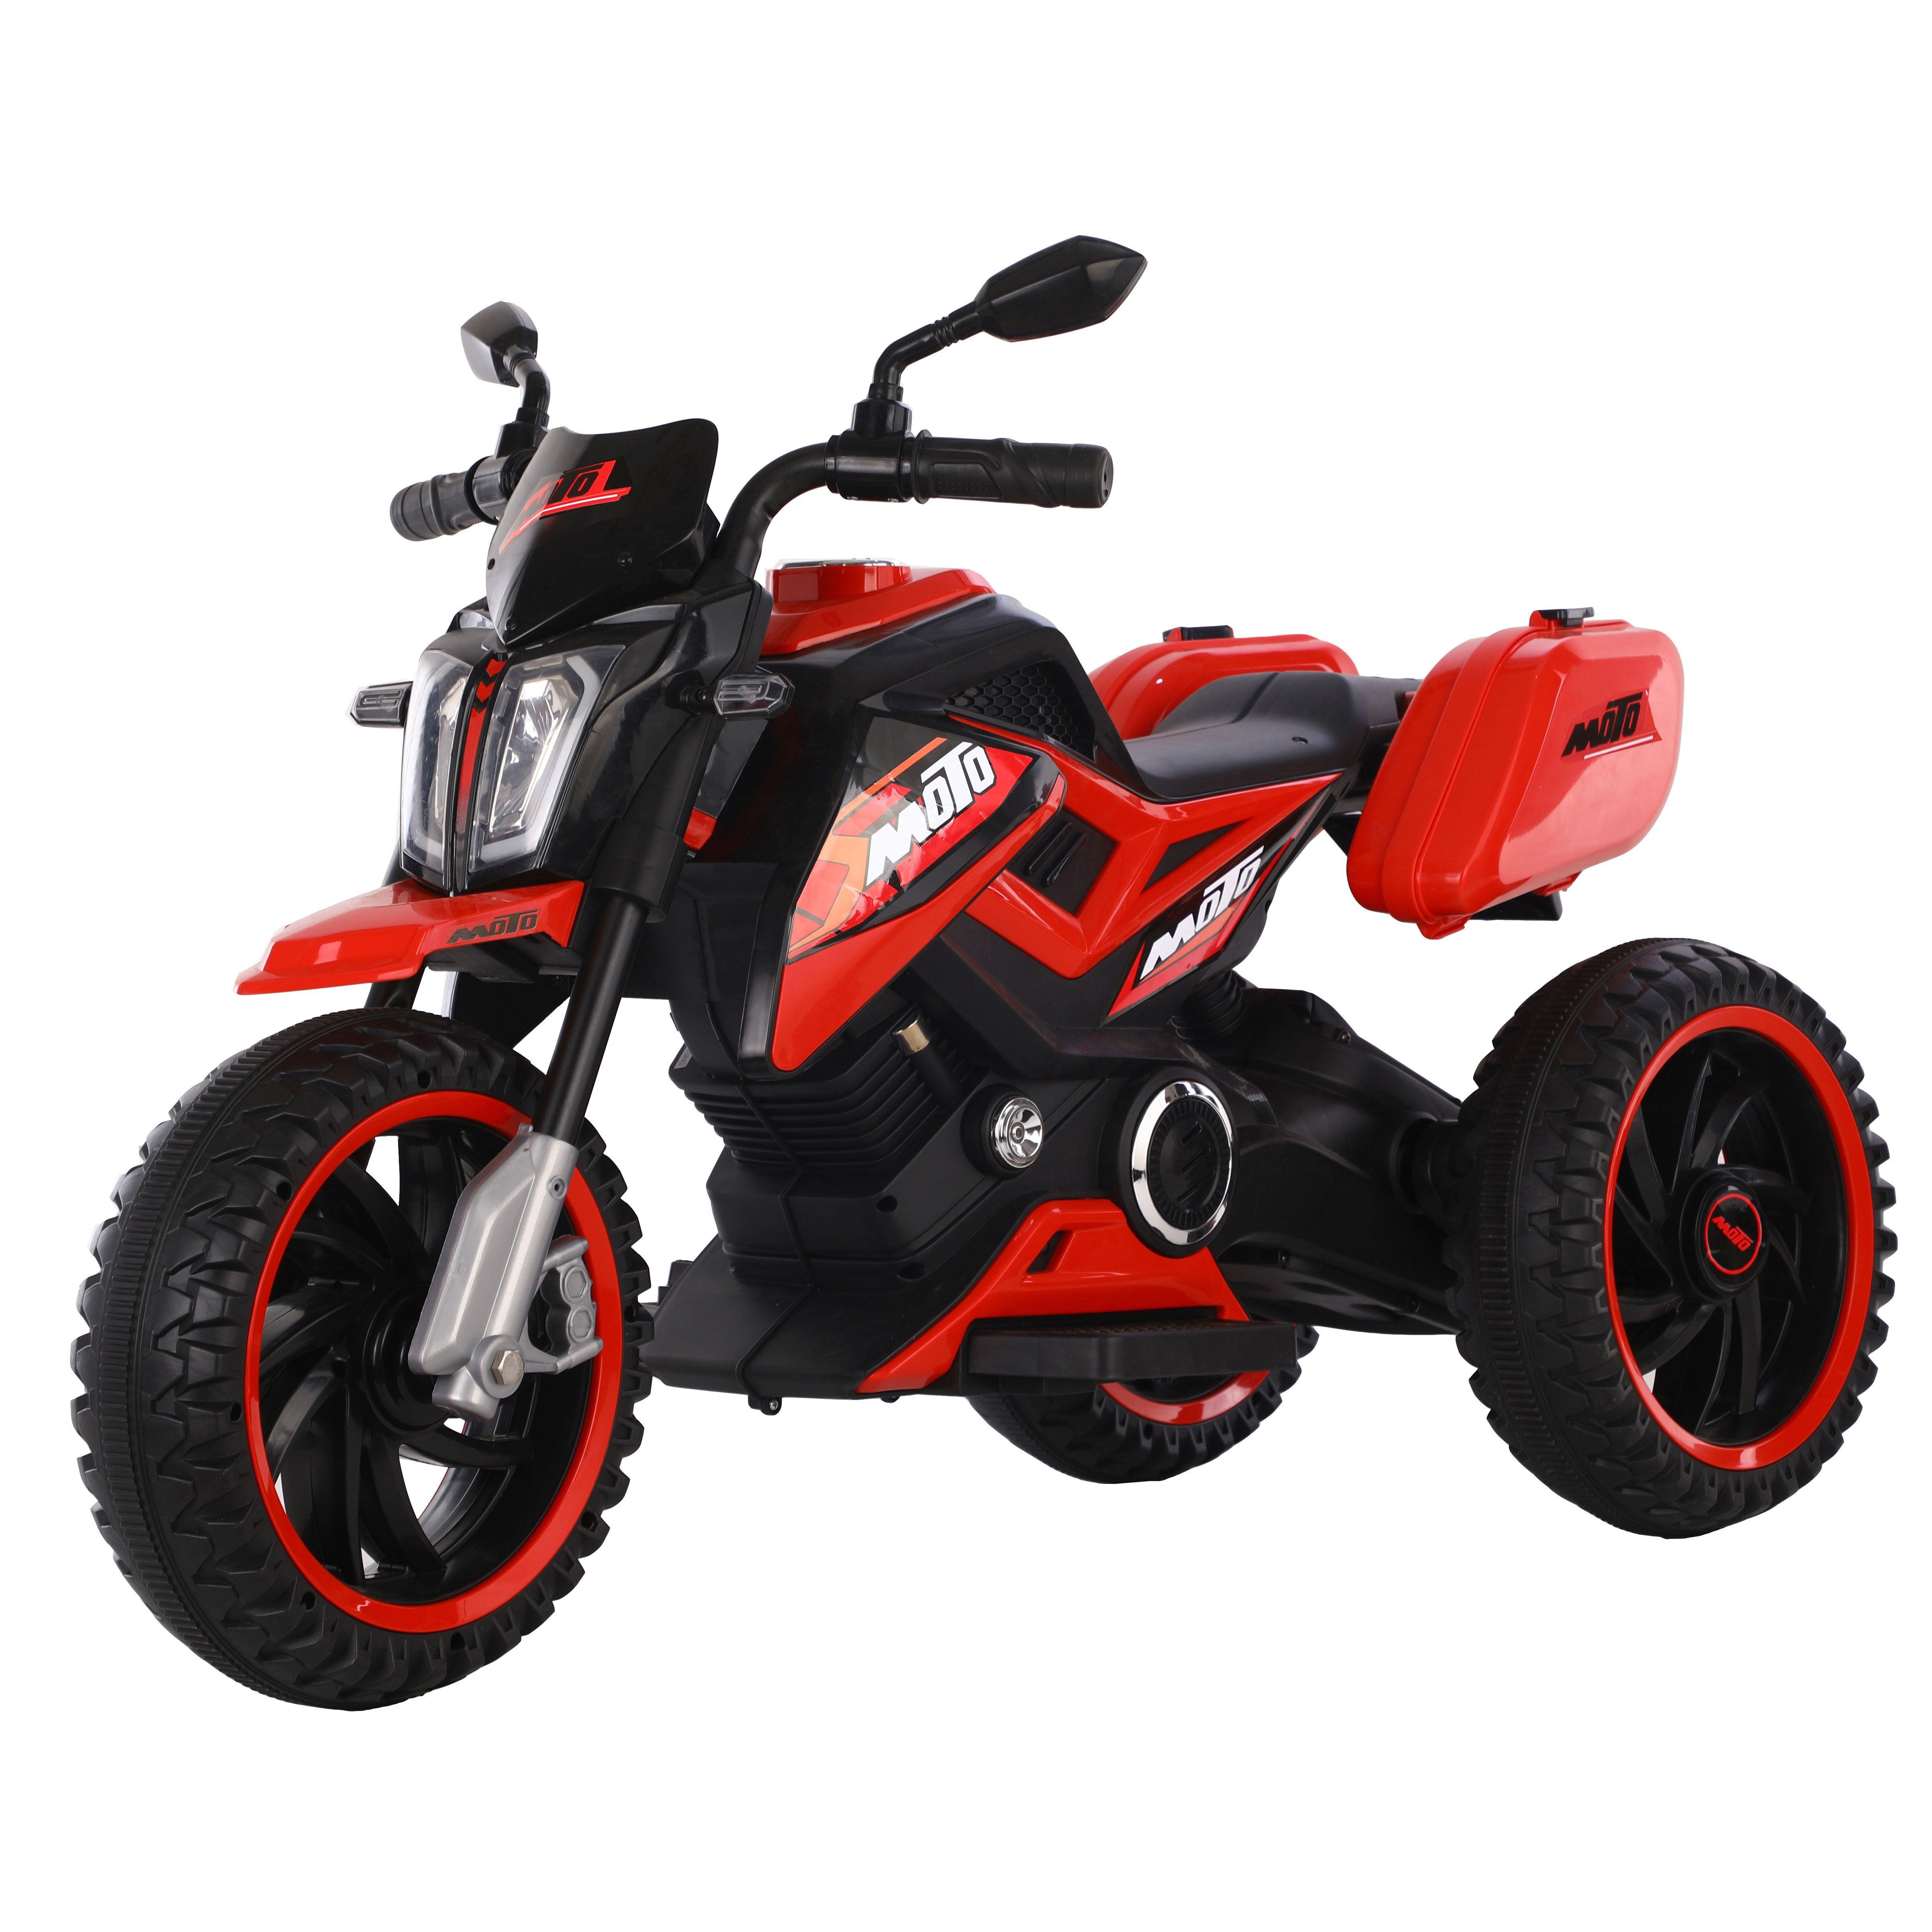 Motocicleta 3 roti cu acumulator Ocie Motor 12 V Red imagine hippoland.ro